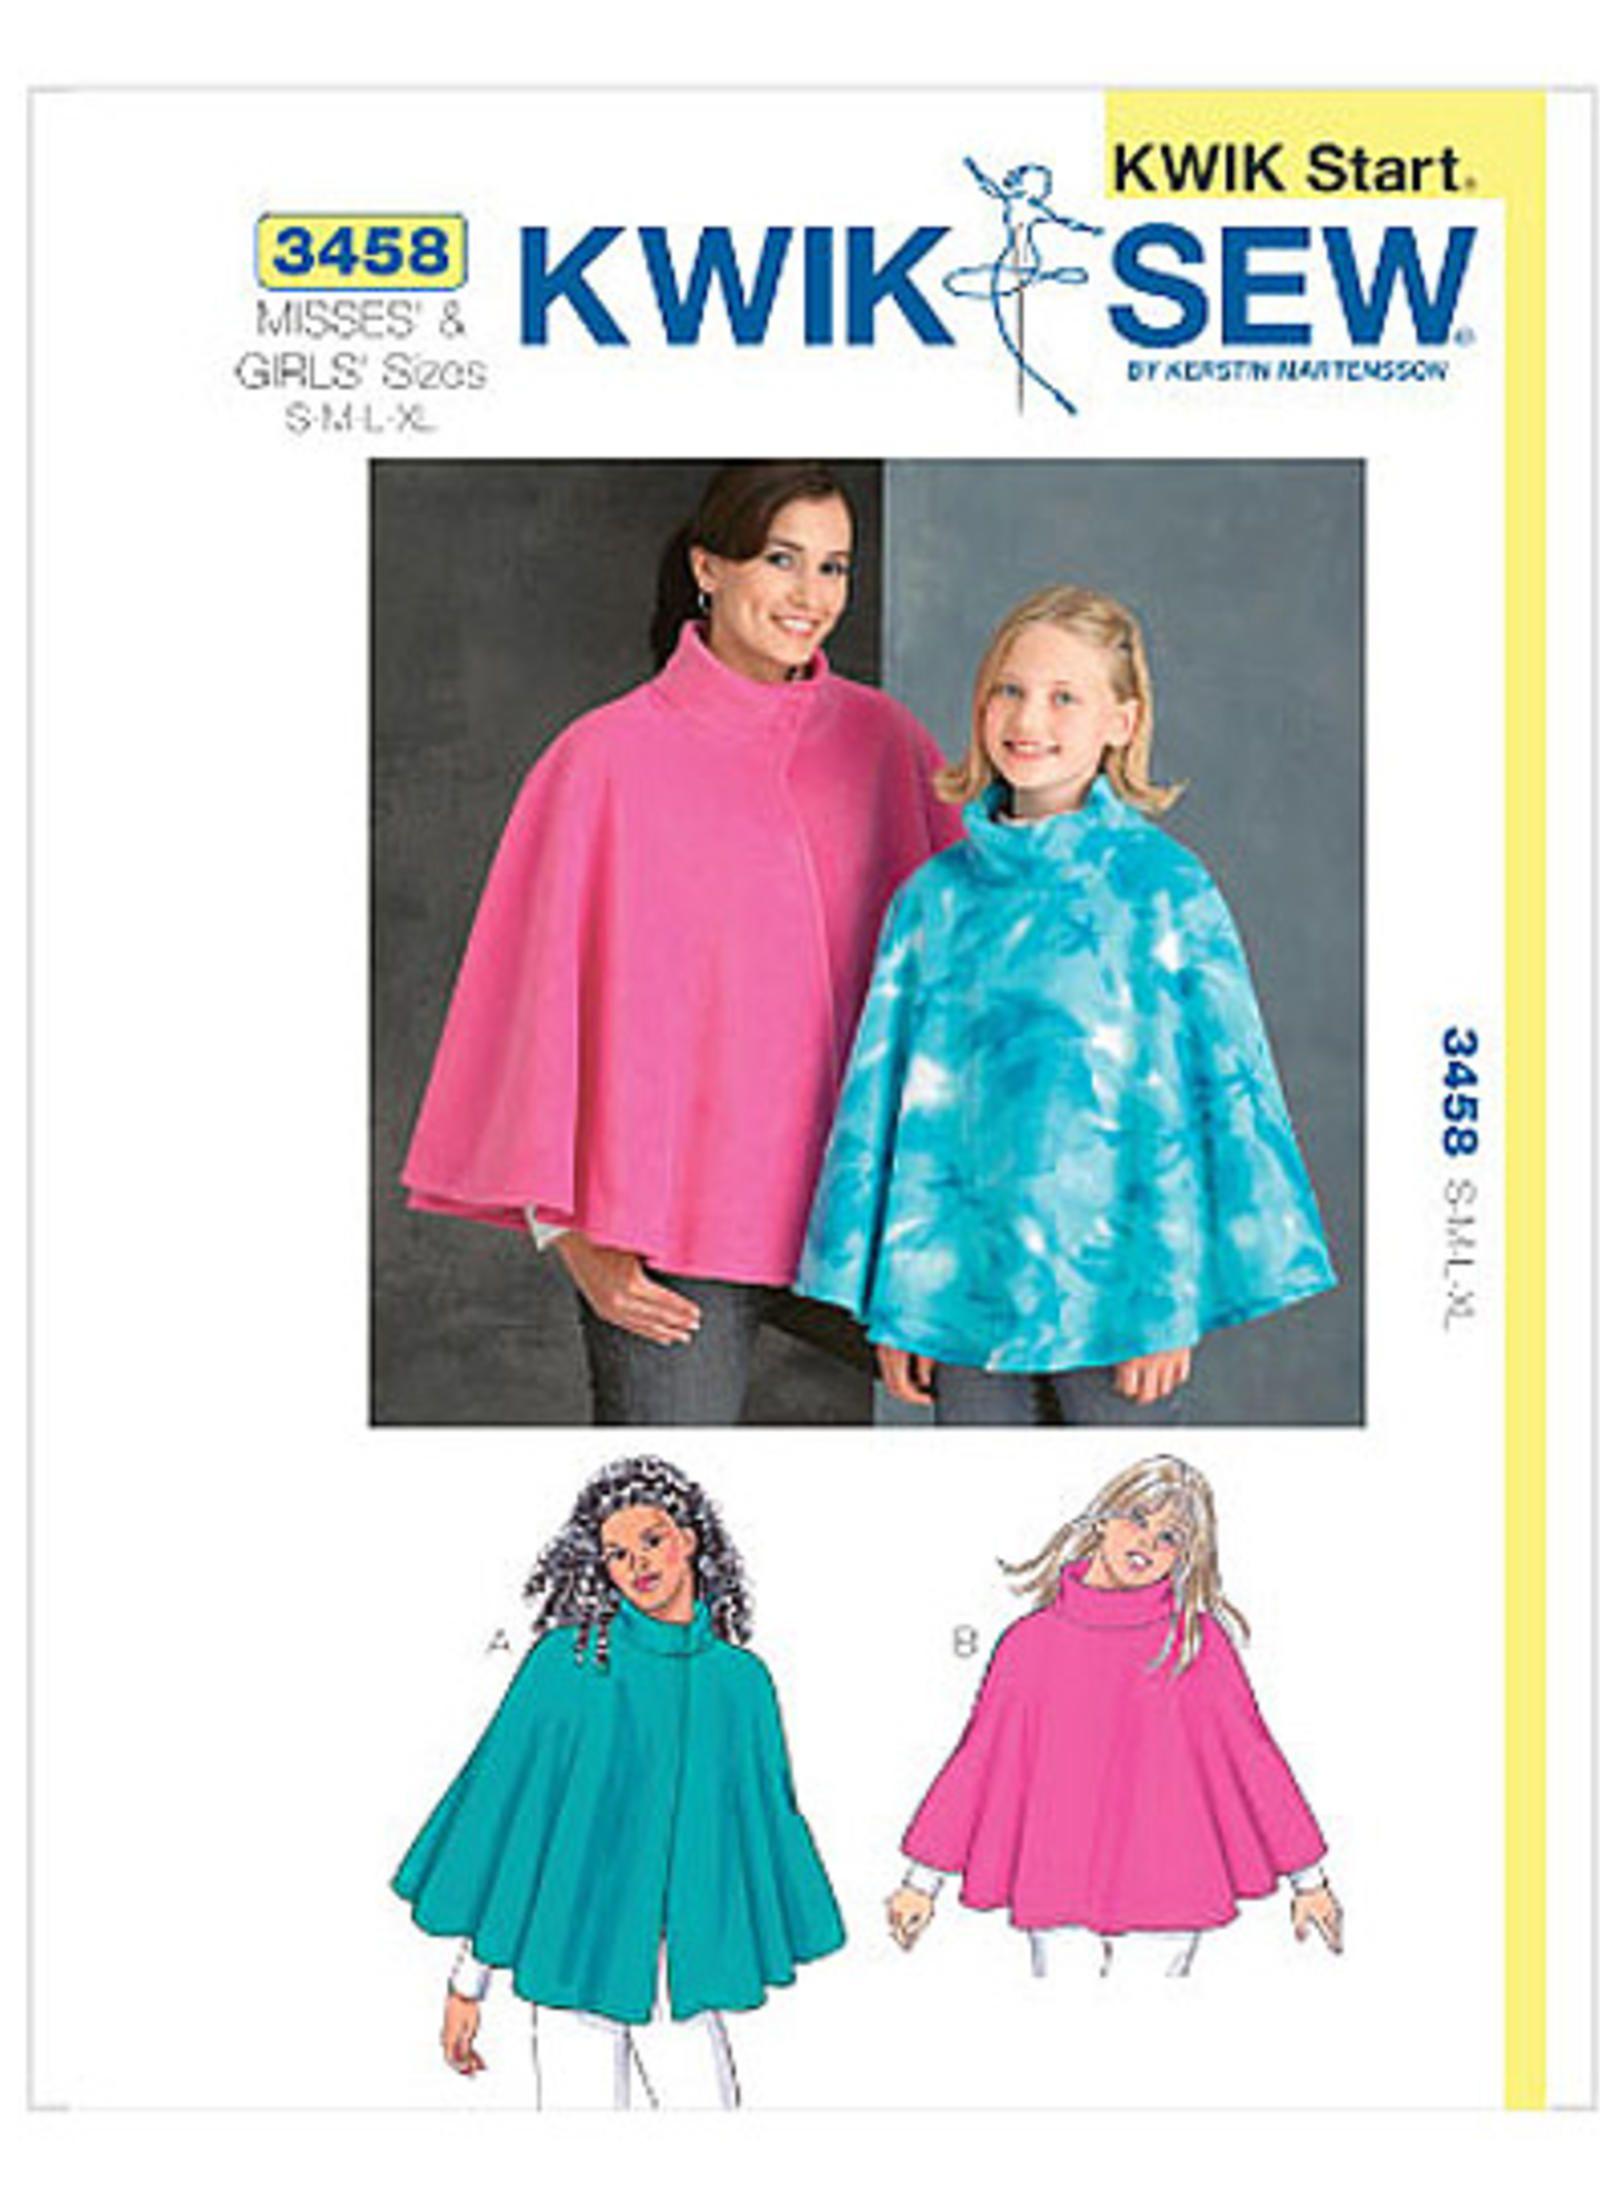 K3458 kwik sew patterns fleece pinterest kwik sew patterns k3458 kwik sew patterns jeuxipadfo Choice Image